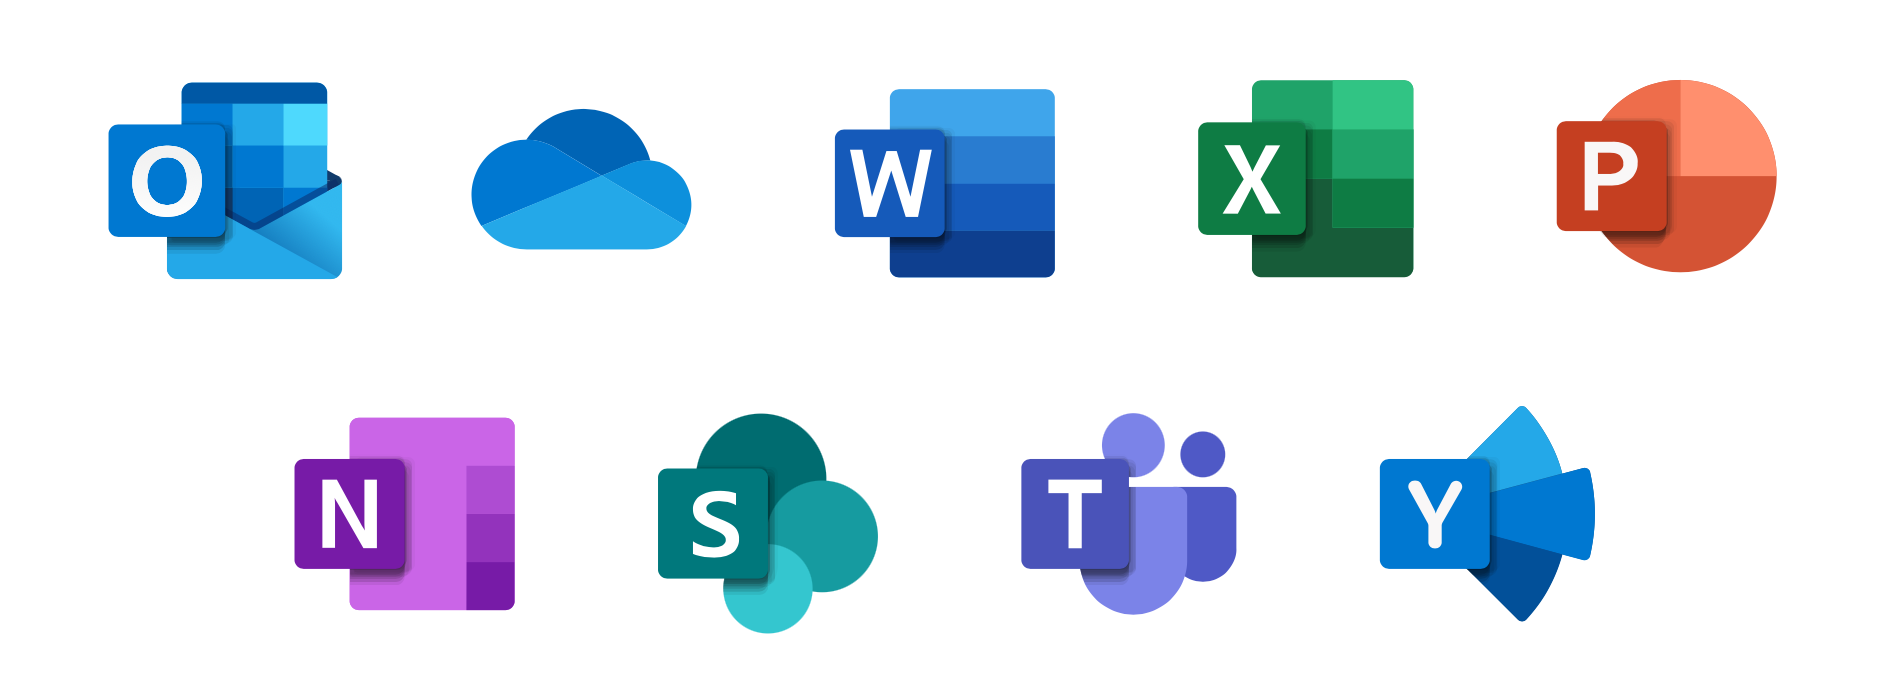 Các công cụ chính trong bộ Microsoft 365 dành cho doanh nghiệp